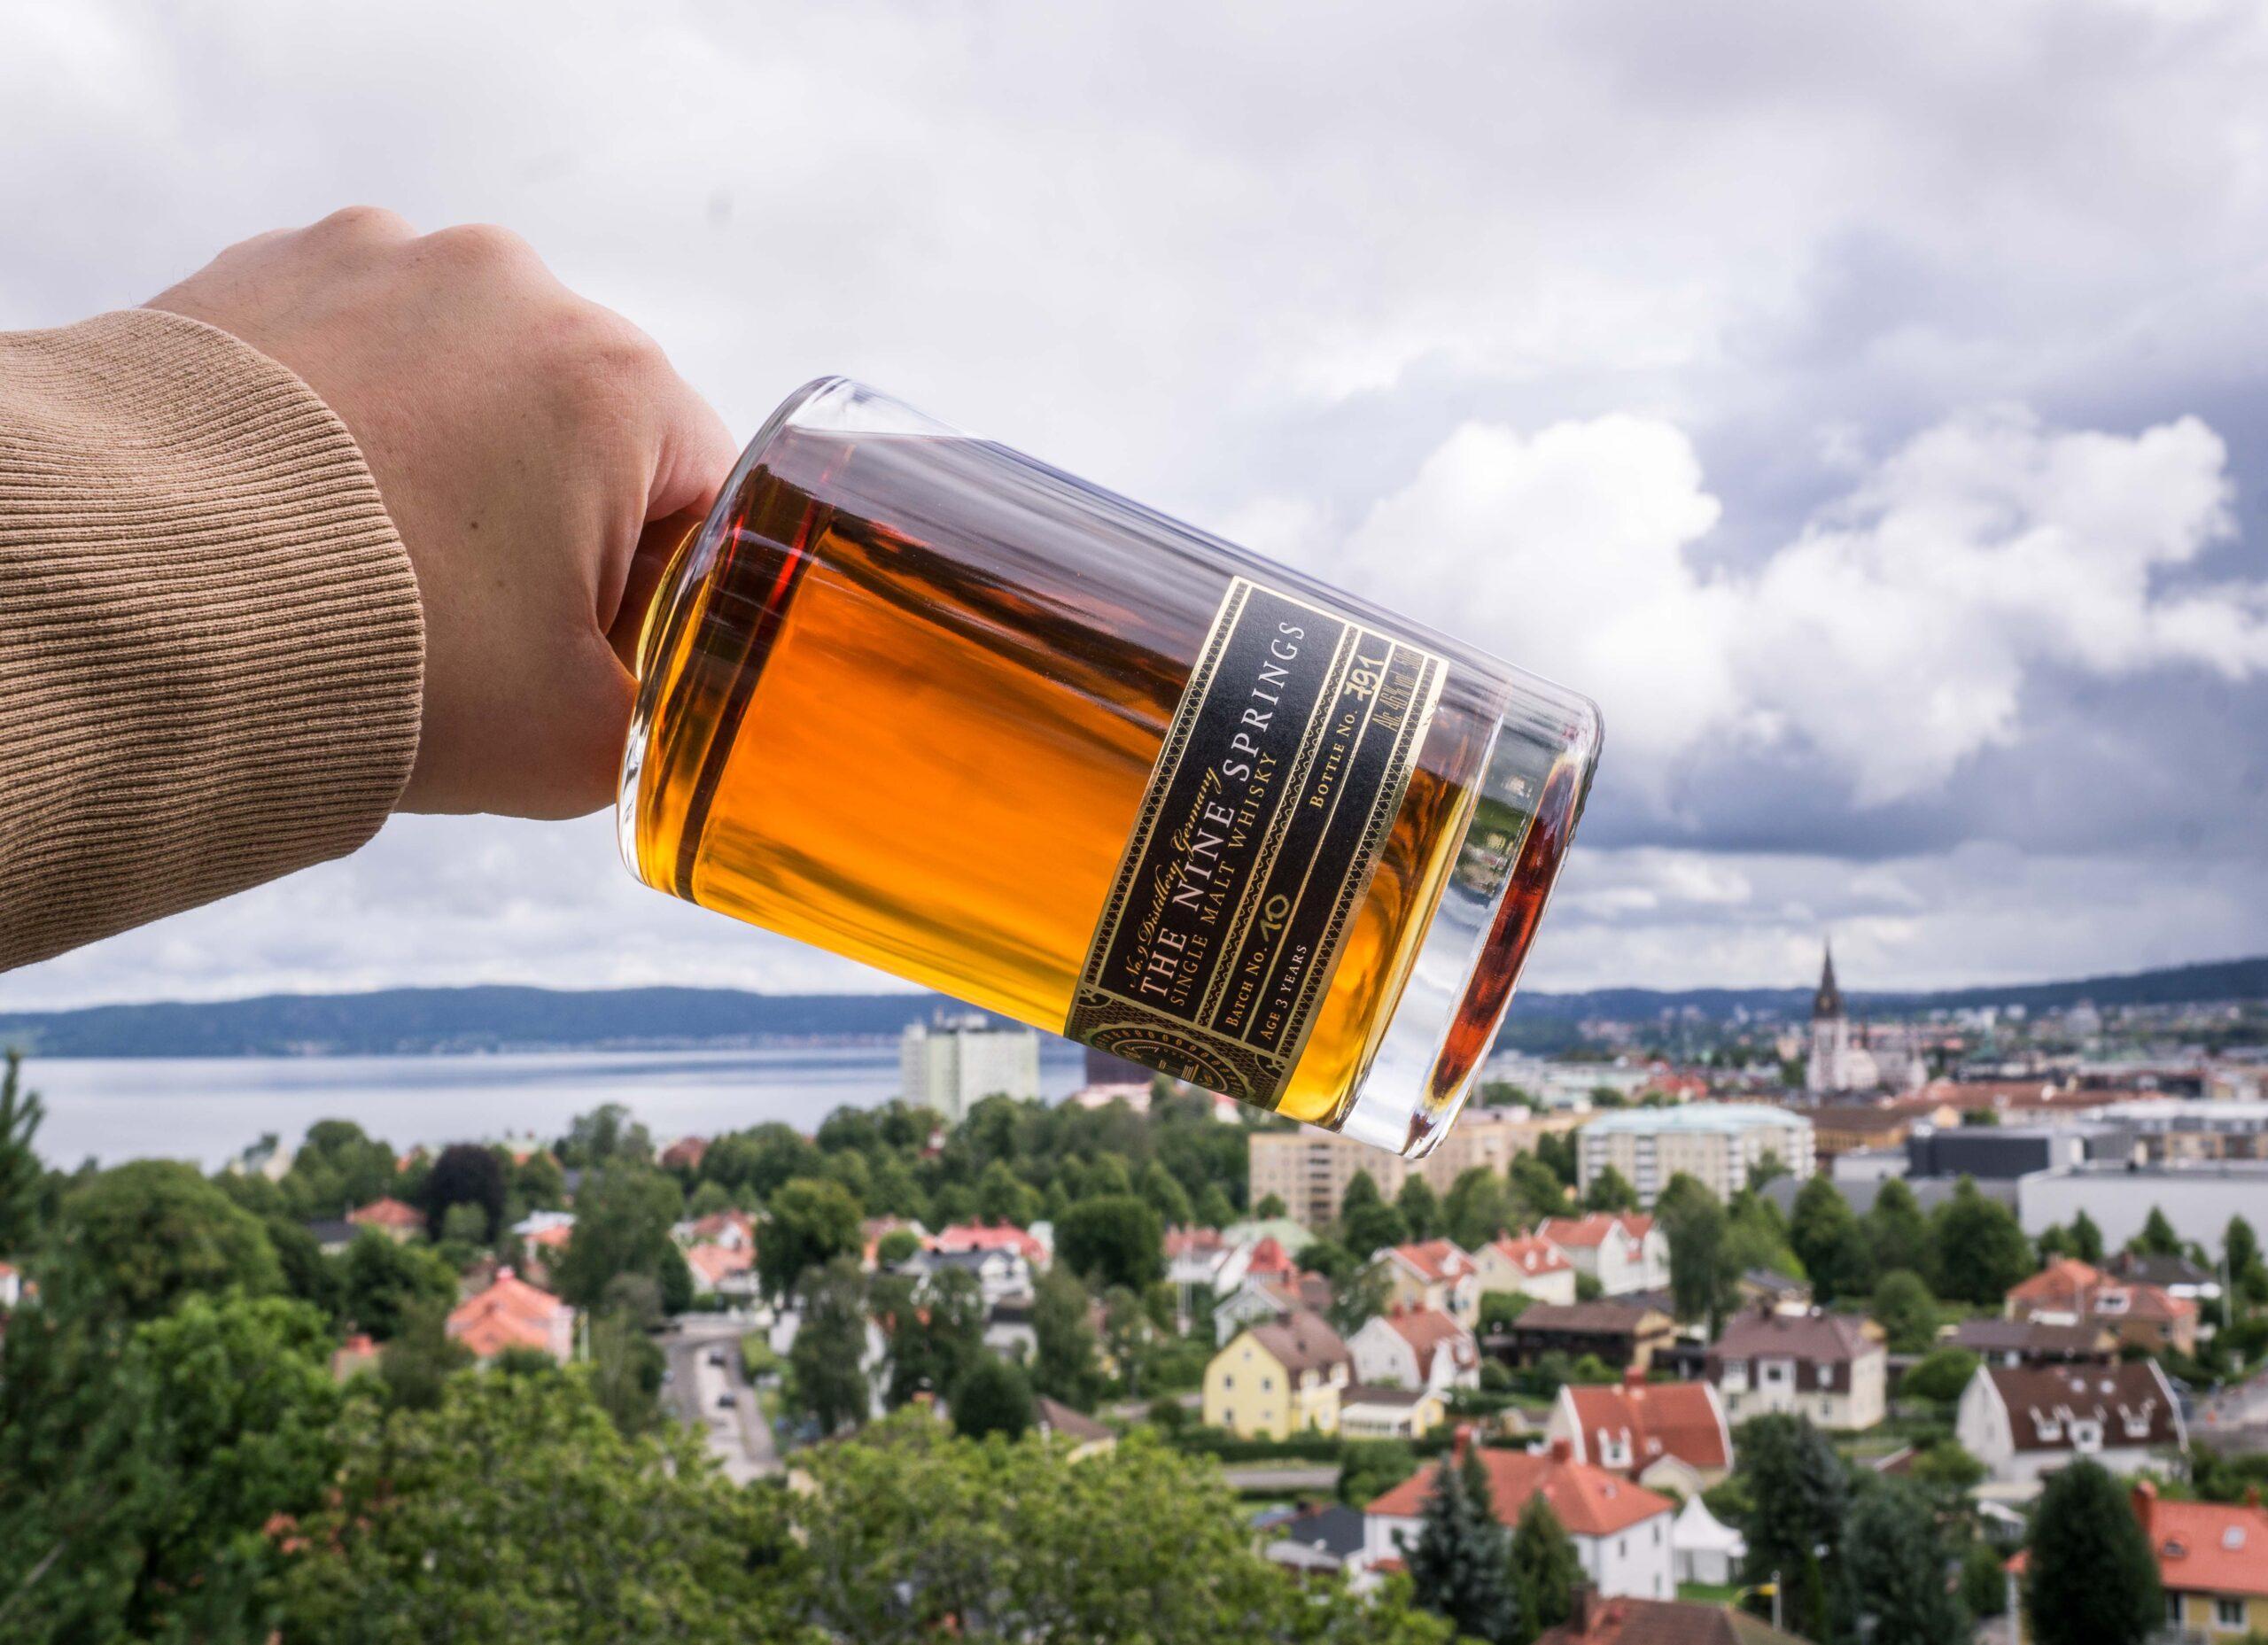 The nine springs single malt whisky